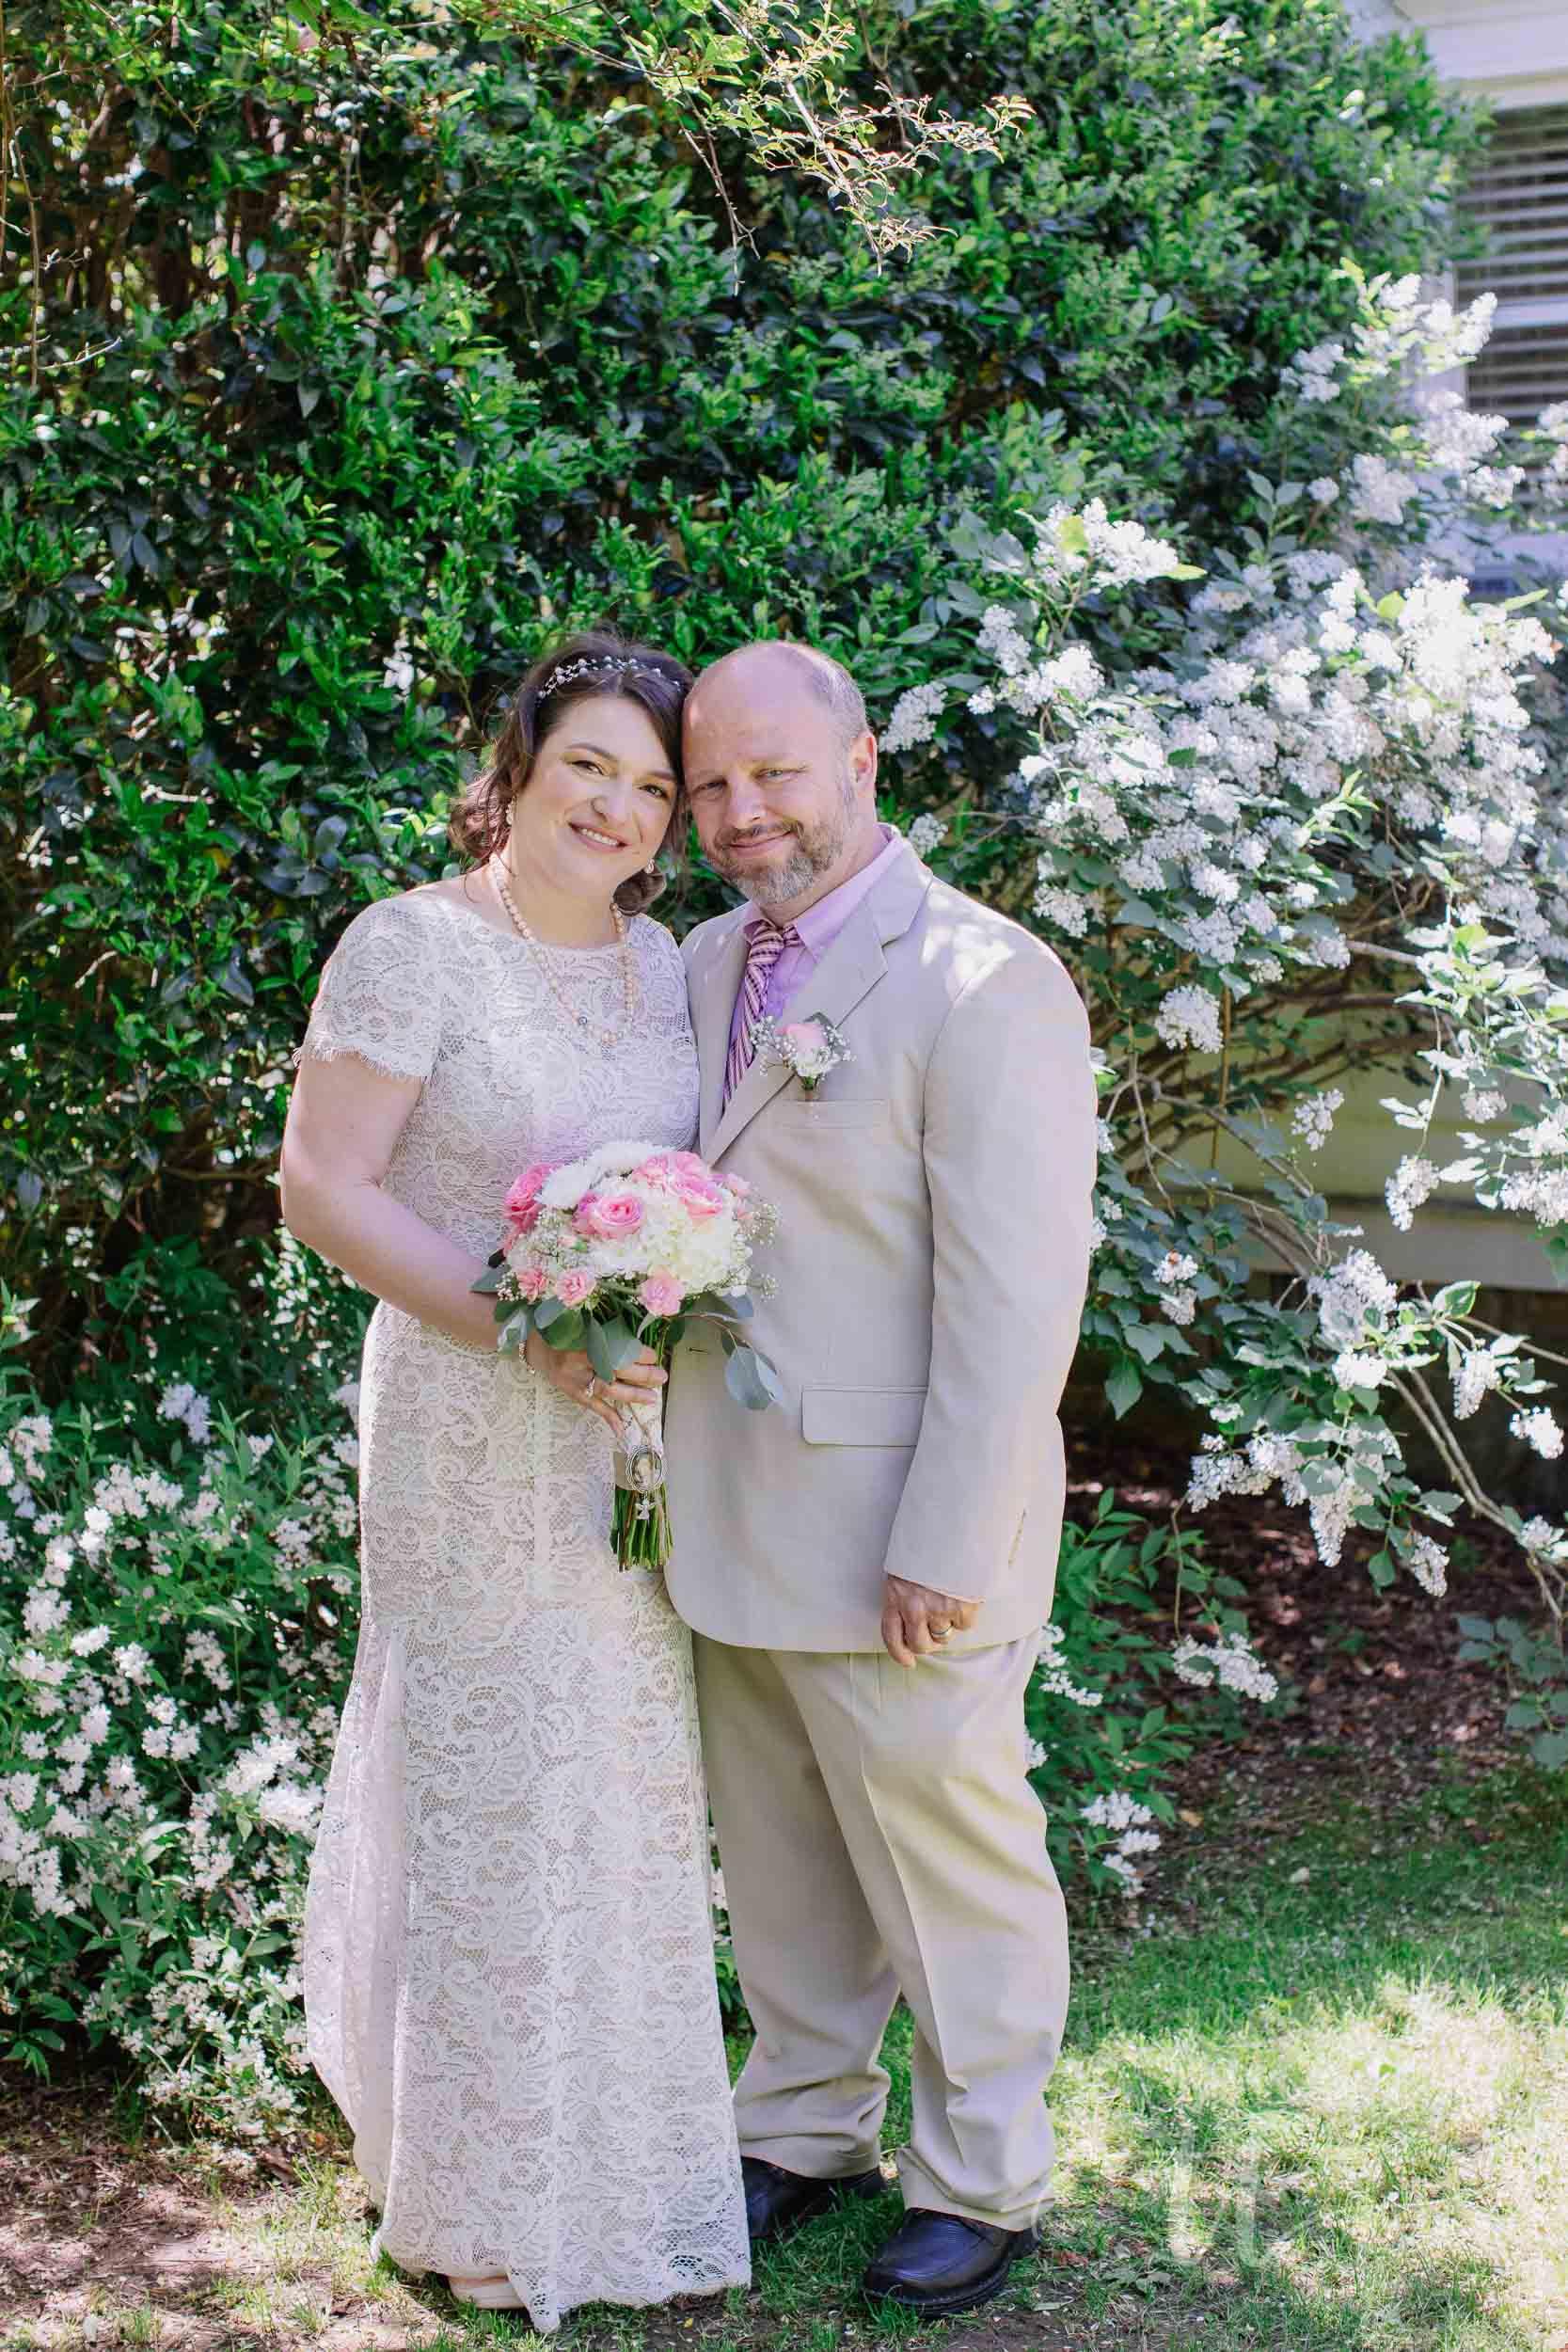 pleasant-garden-wedding-14.jpg